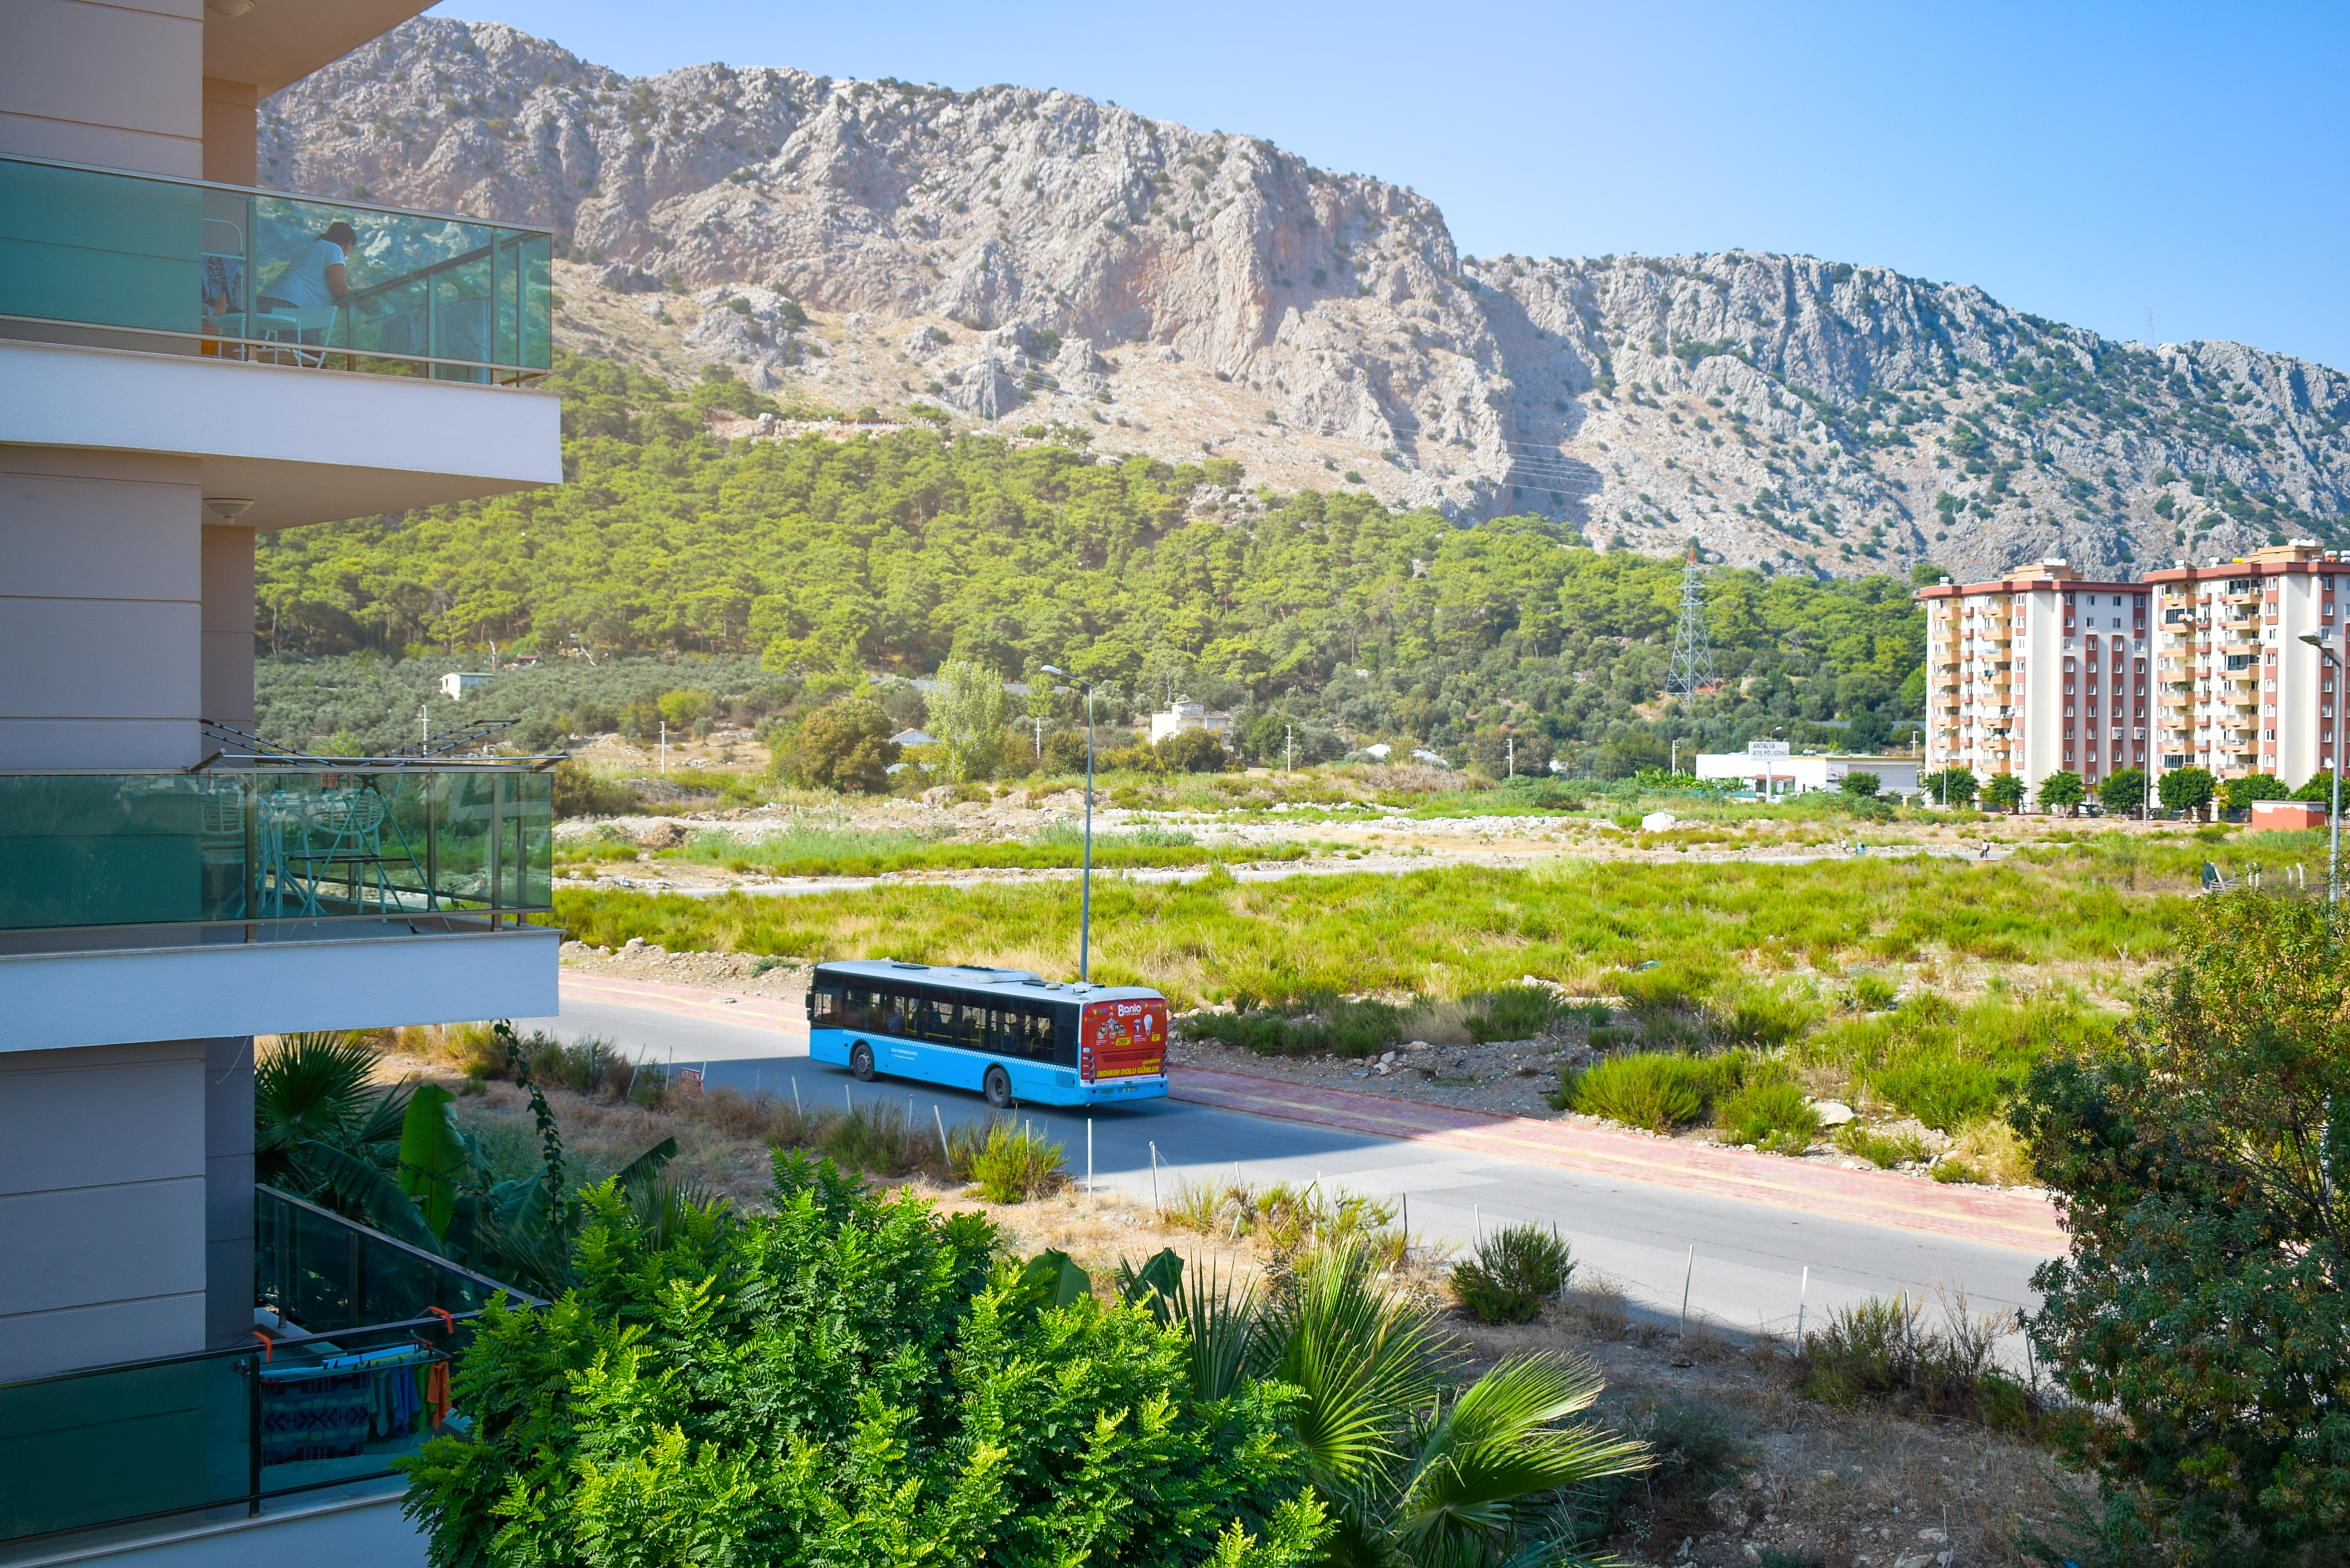 Ferienwohnung Gerumige 2 Schlafzimmer fr 5 mit Blick auf die Berge Gratis Wifi (2782161), Çakirlar, , Mittelmeerregion, Türkei, Bild 7